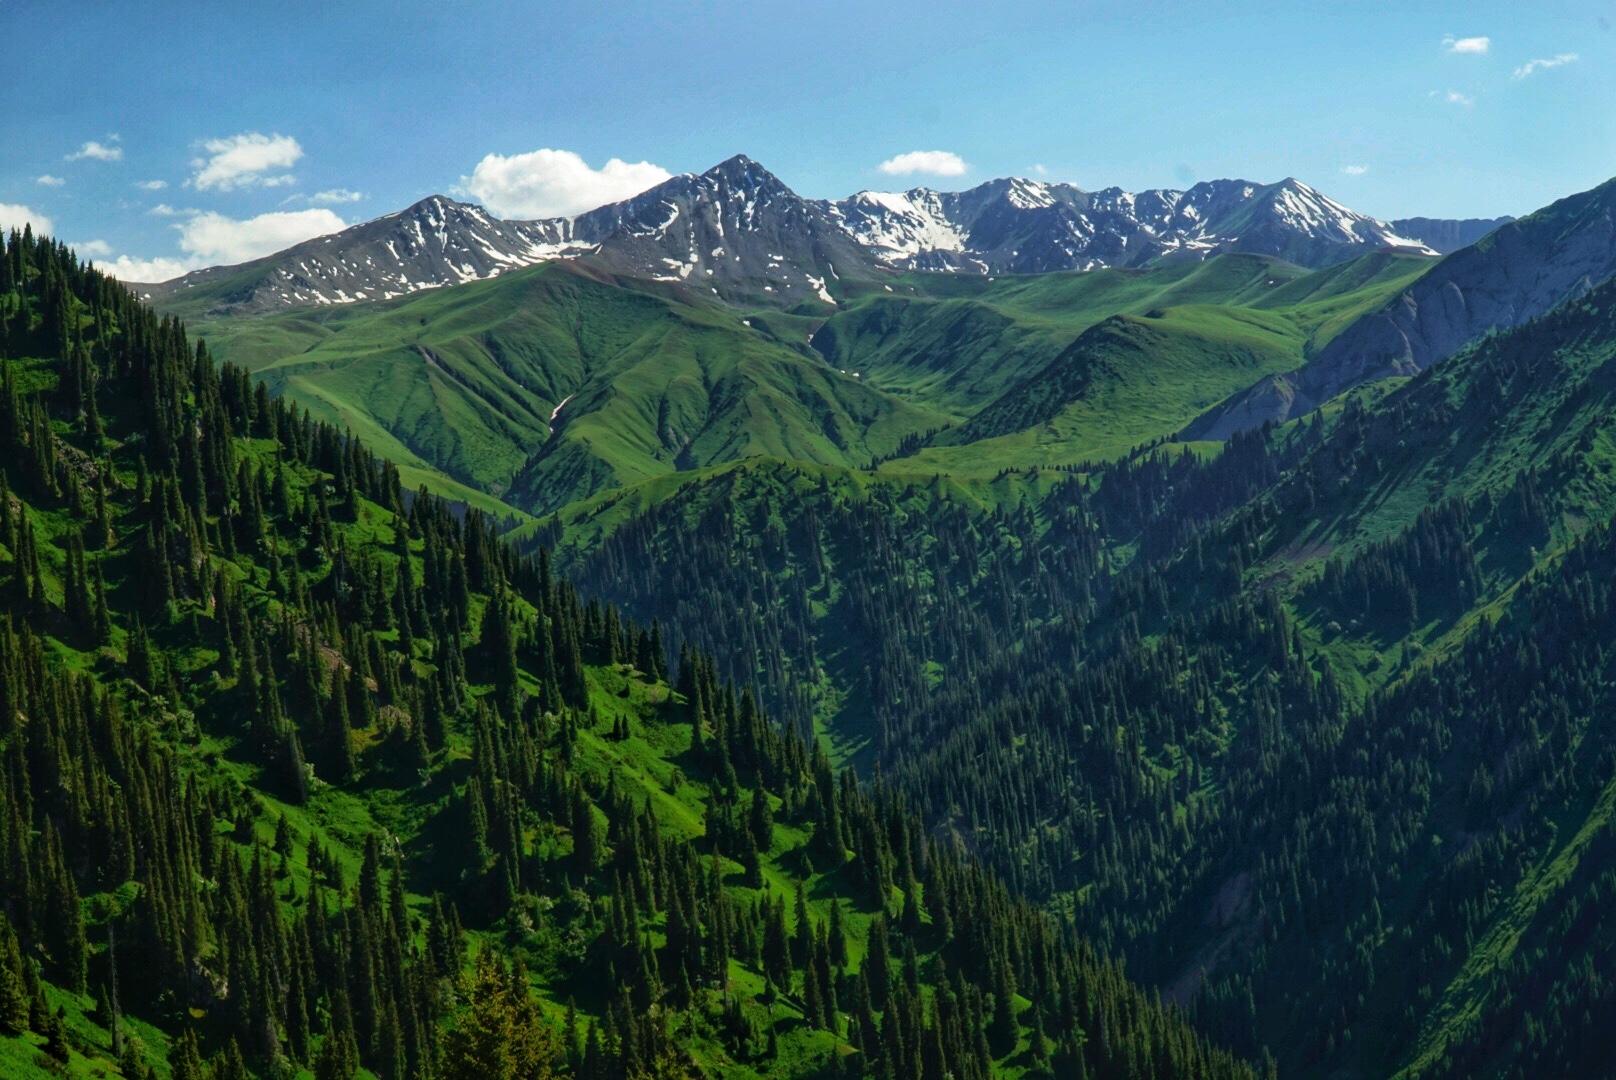 Trekking Kyrgyzstan's Keskenkyia Loop, Day 4 - The Trek